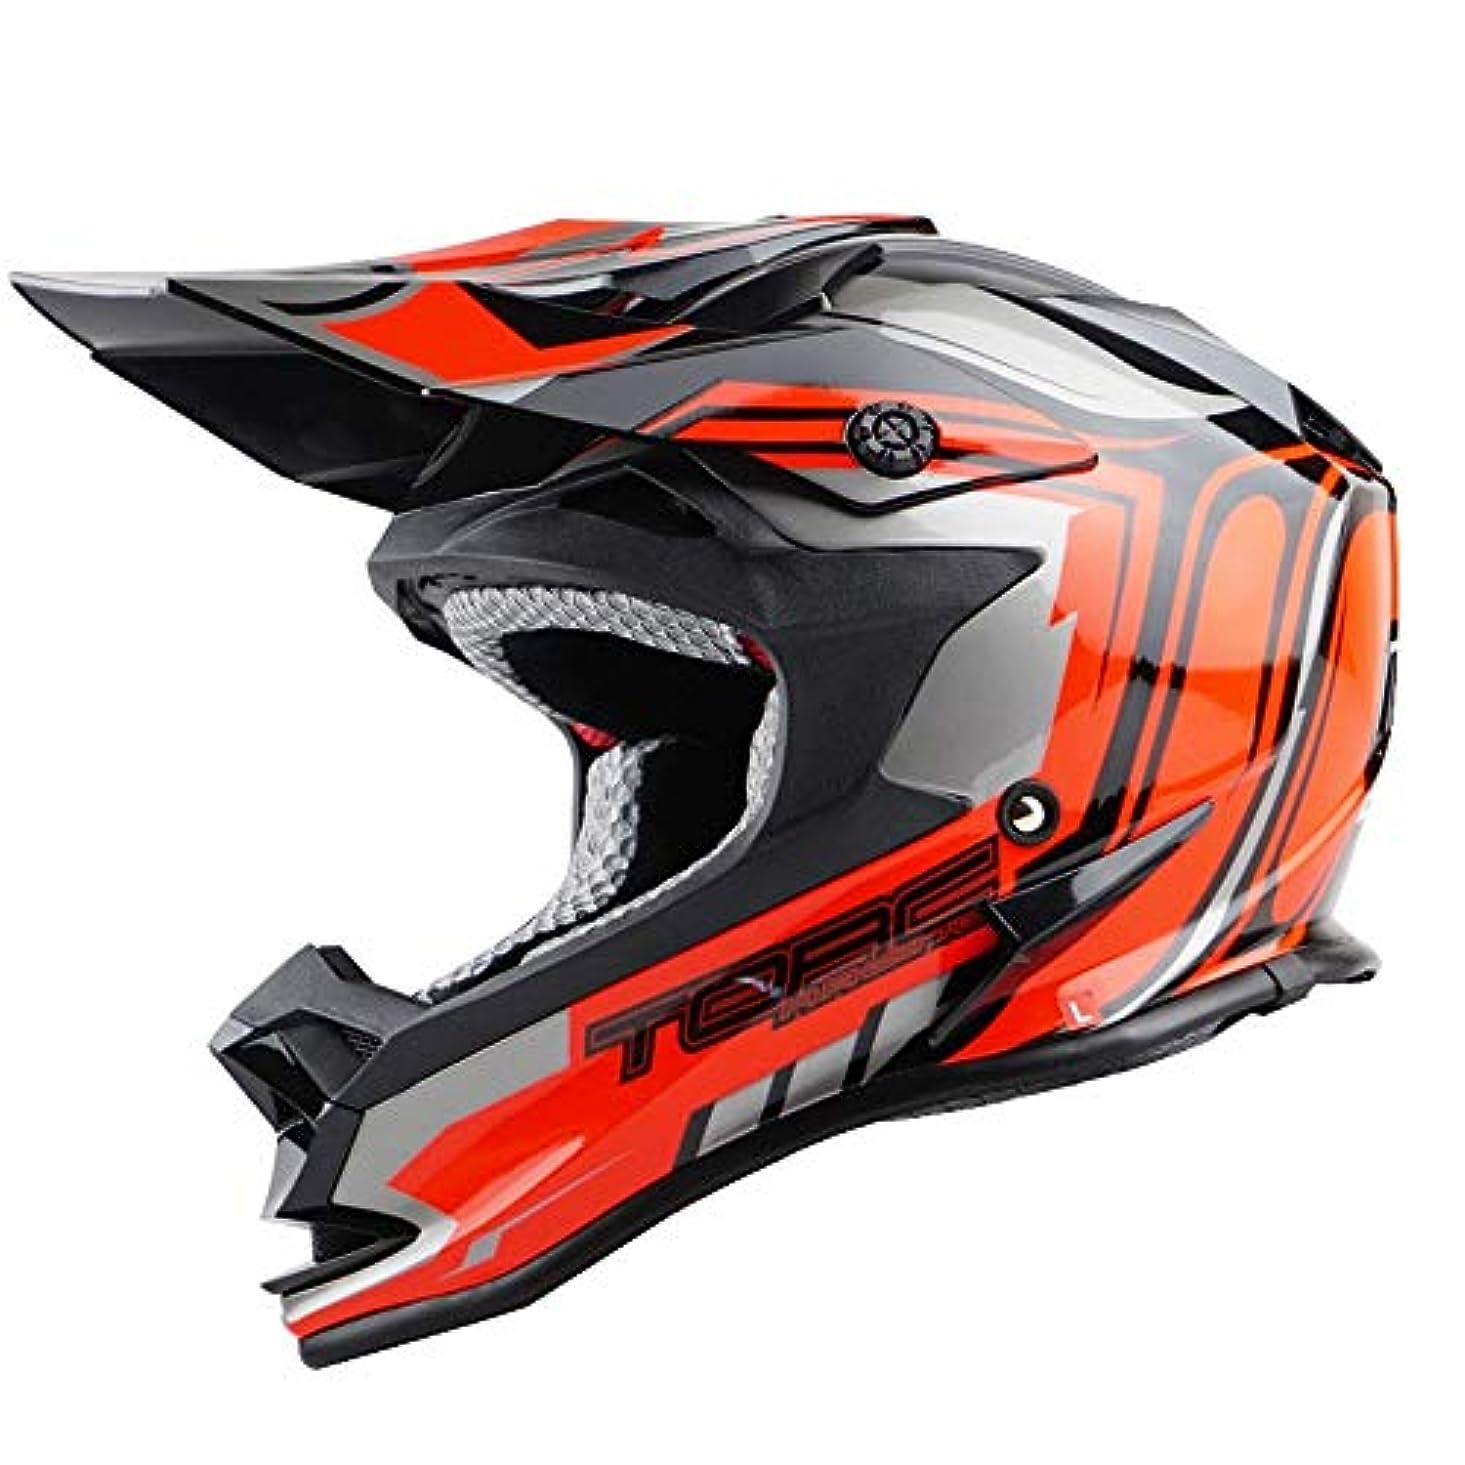 教腐食するブレンドHYH モトクロスヘルメットロードラリーヘルメットアウトドアレーシングヘルメットマウンテンバイクヘルメットブラック/レッド いい人生